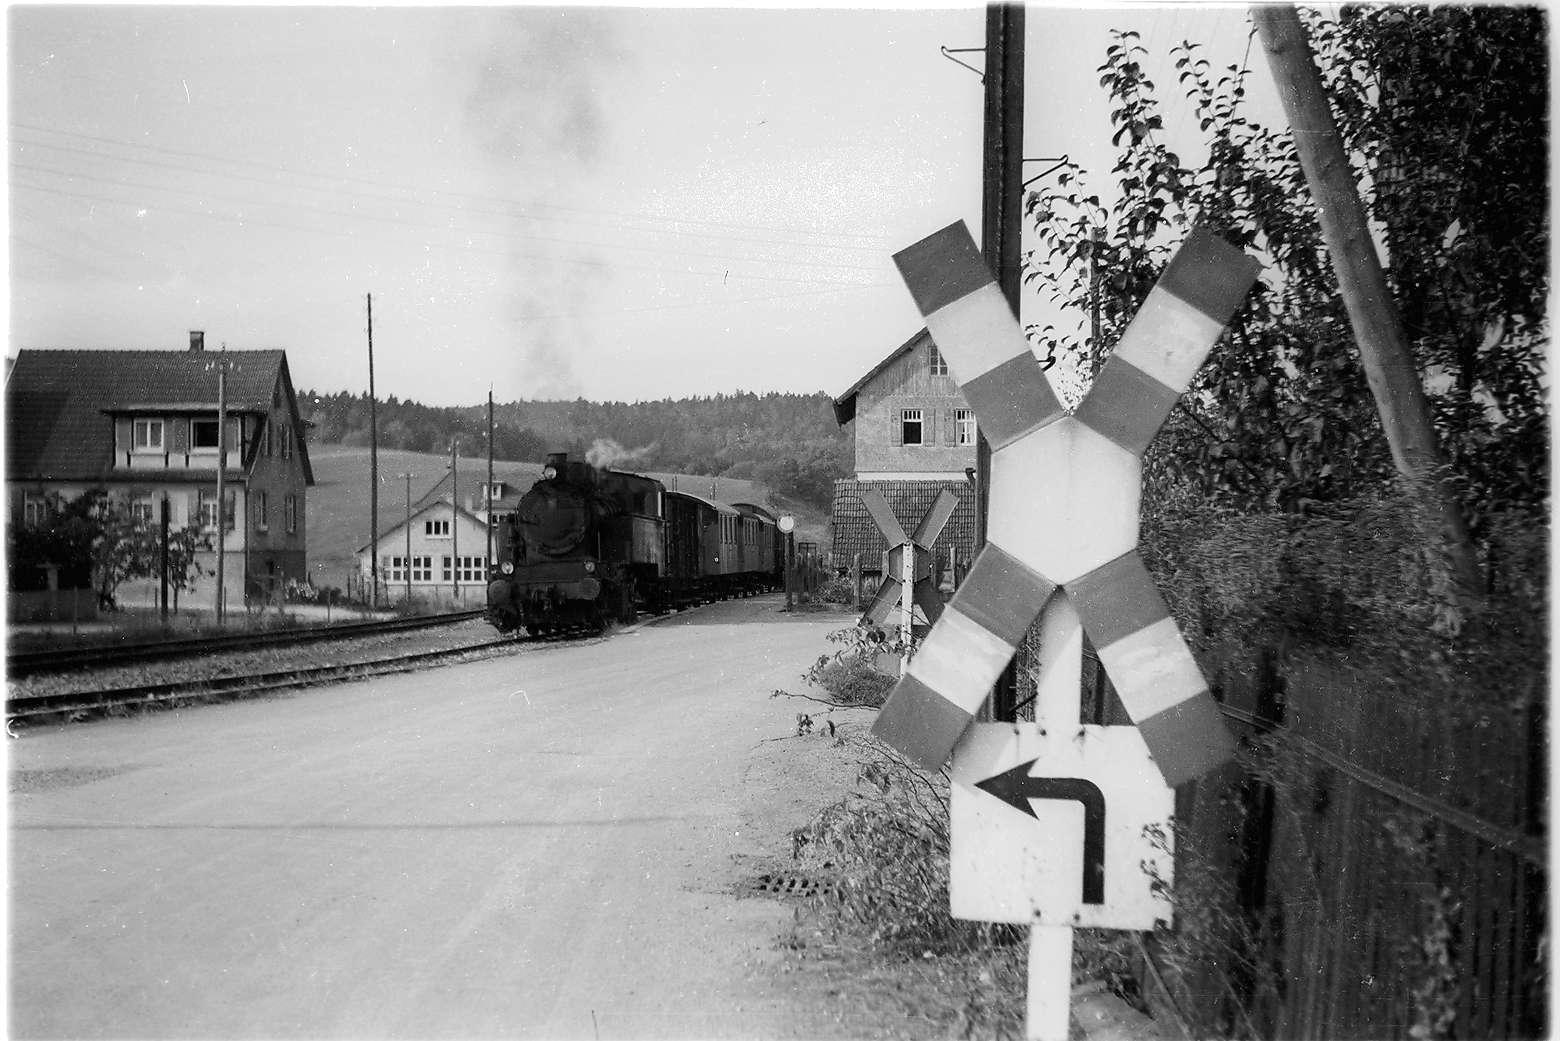 Zug 305, Lok 16 in Jungingen, Bahnhofsgebäude erbaut 1901, aufgestockt 1912, abgebrochen 1985 nach Erdbebenschäden, Bild 1